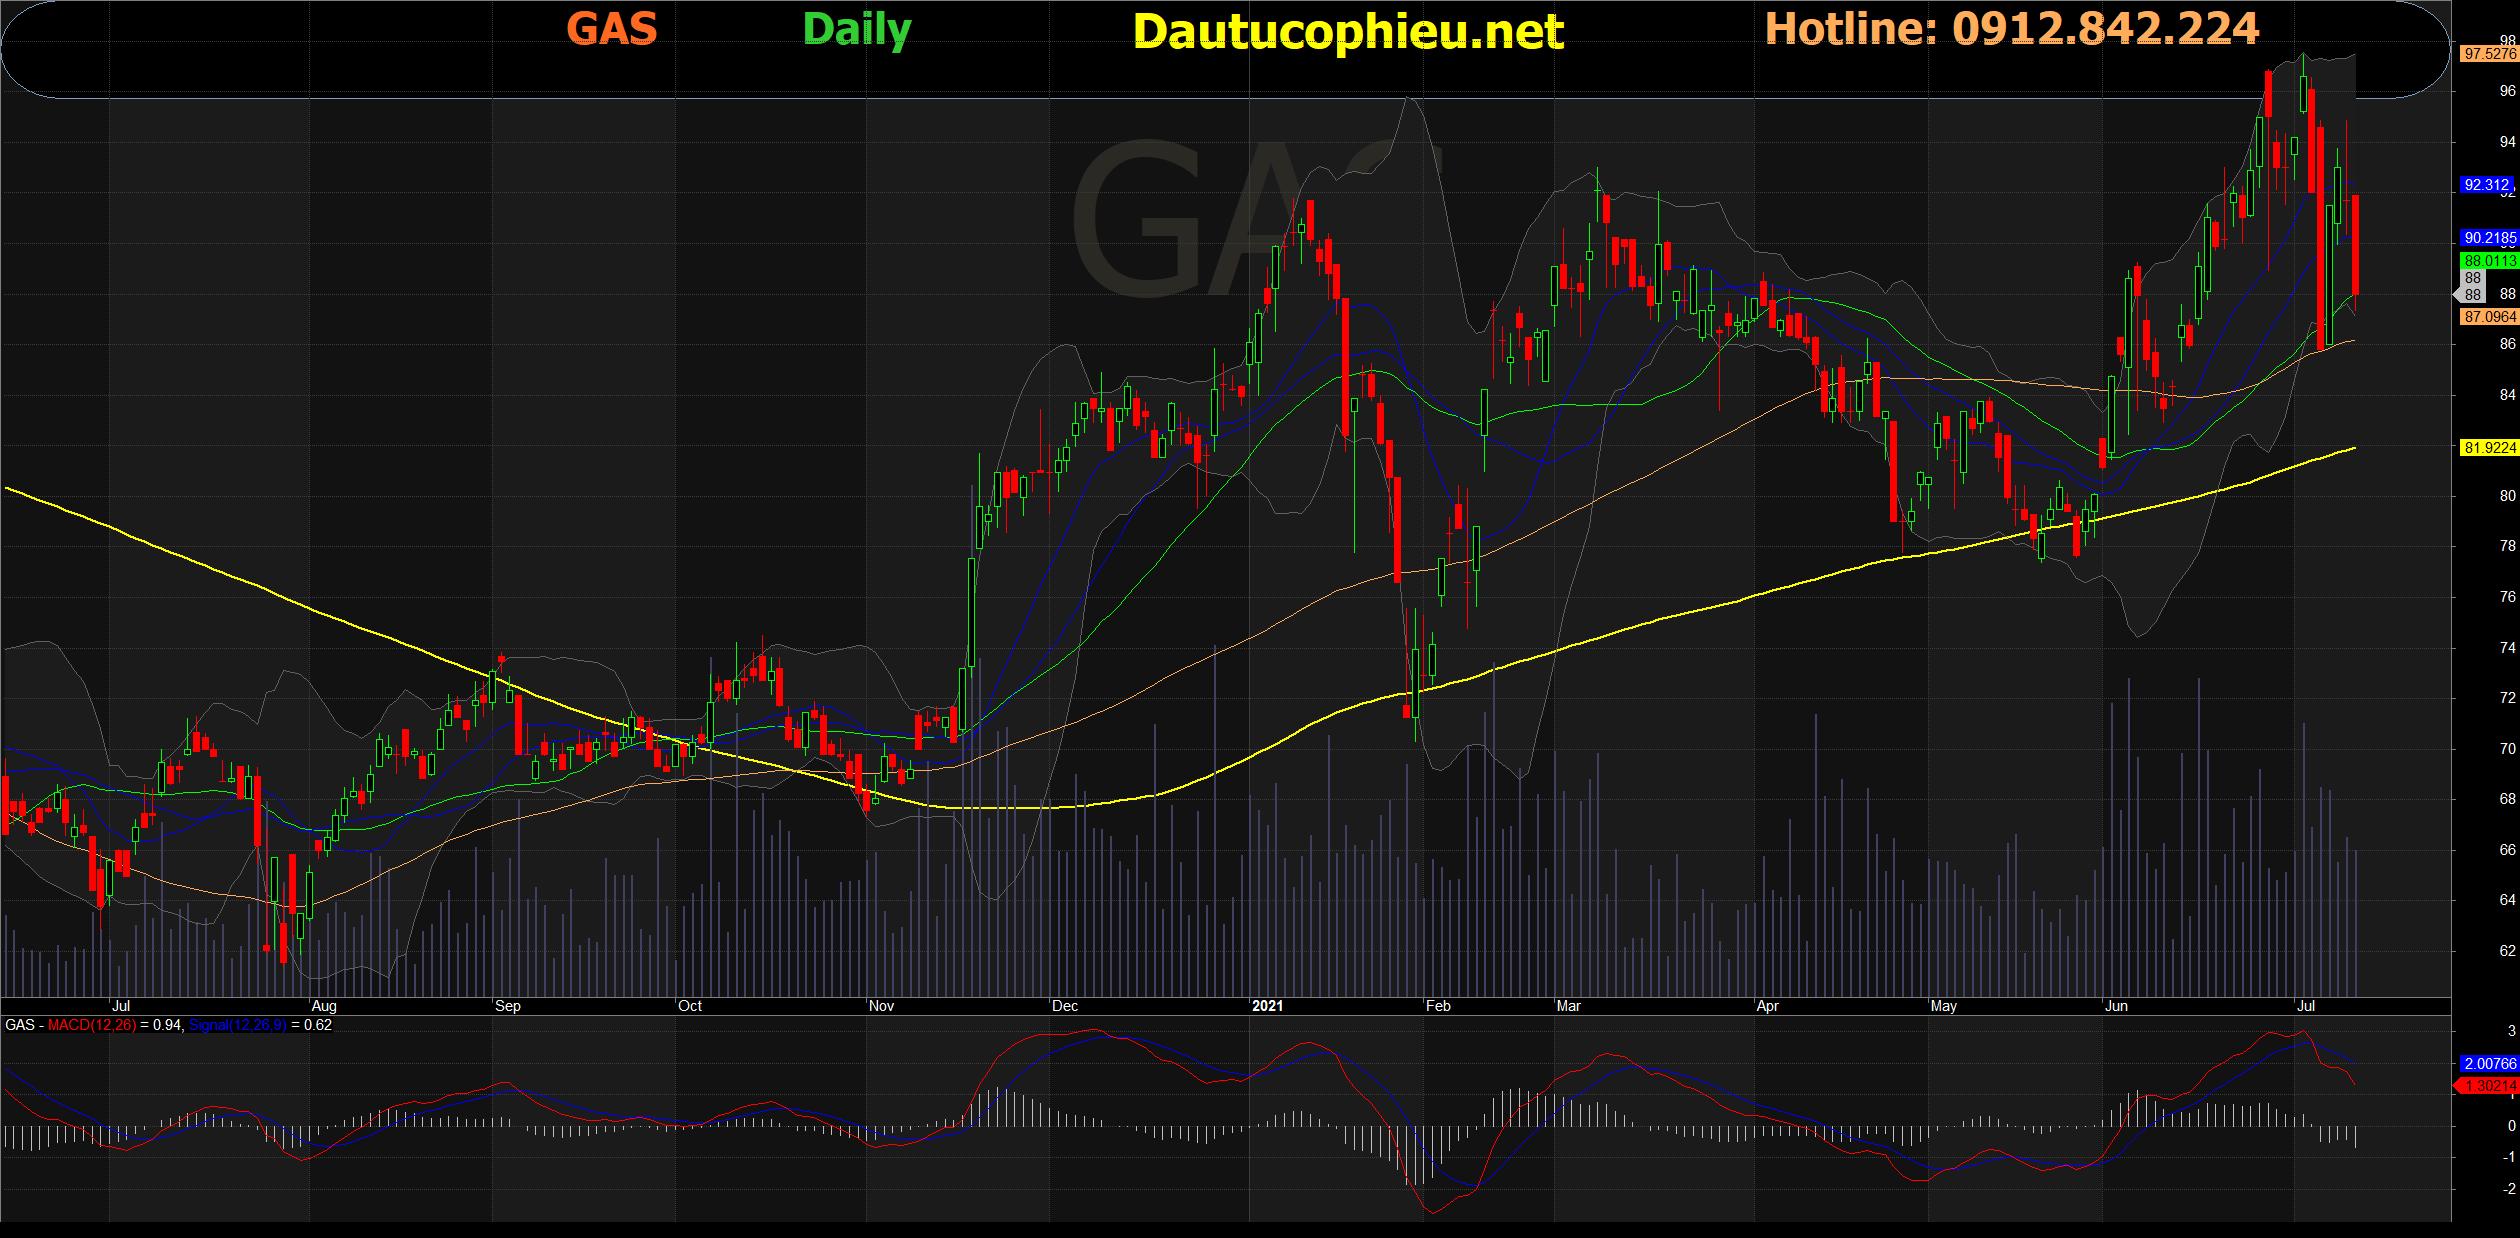 Đồ thị cổ phiếu GAS phiên giao dịch ngày 12/07/2021. Nguồn: AmiBroker